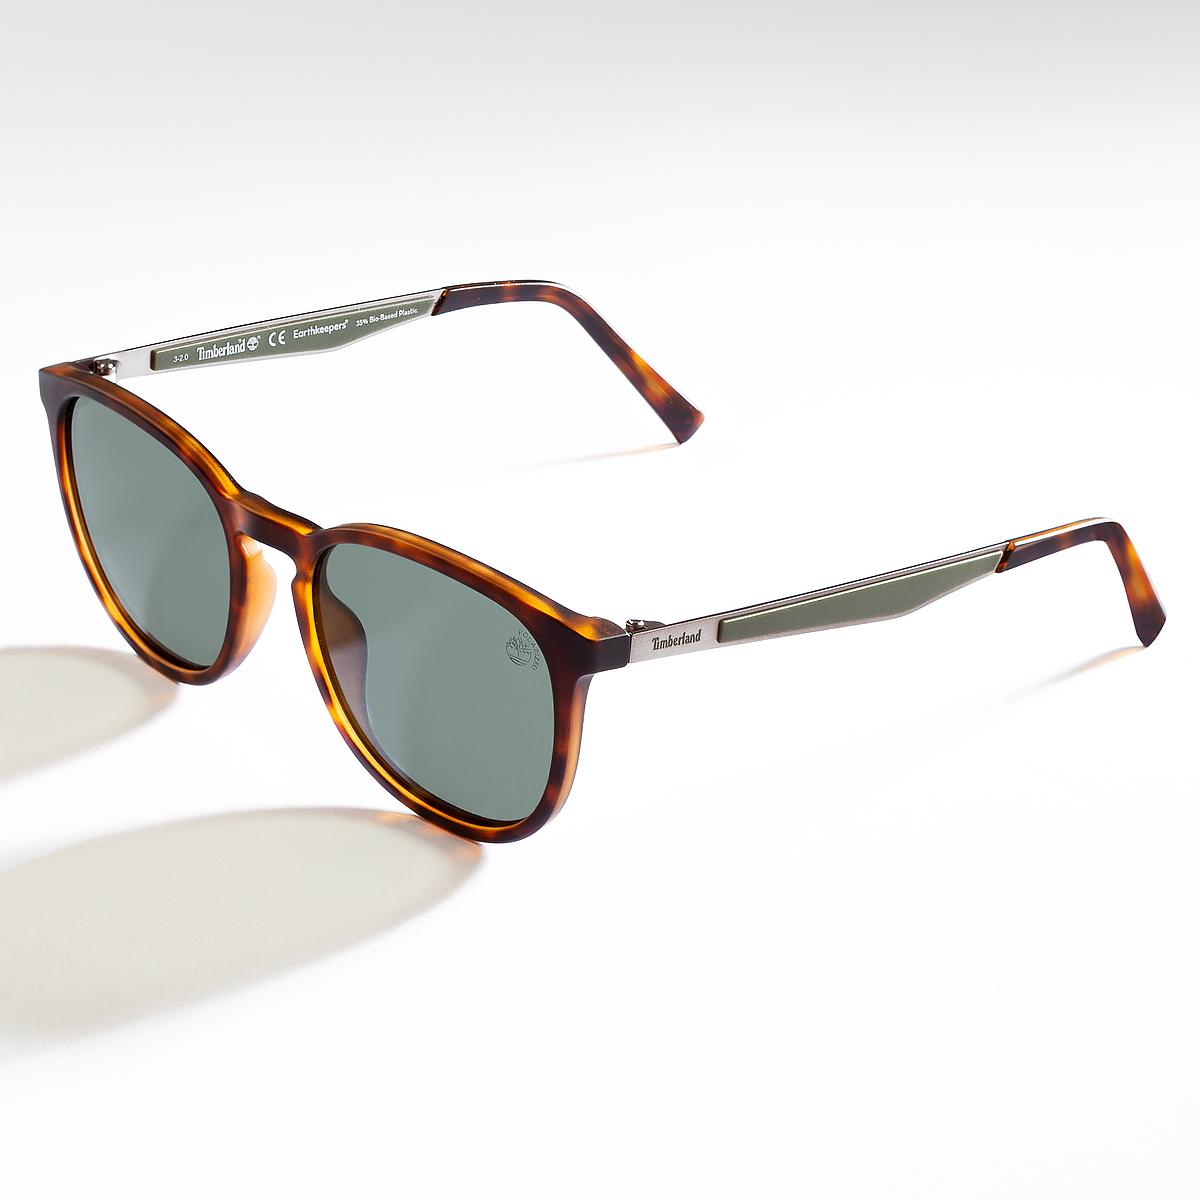 Fotografía de Producto. Gafas de Sol Timberland para tienda Amazon.